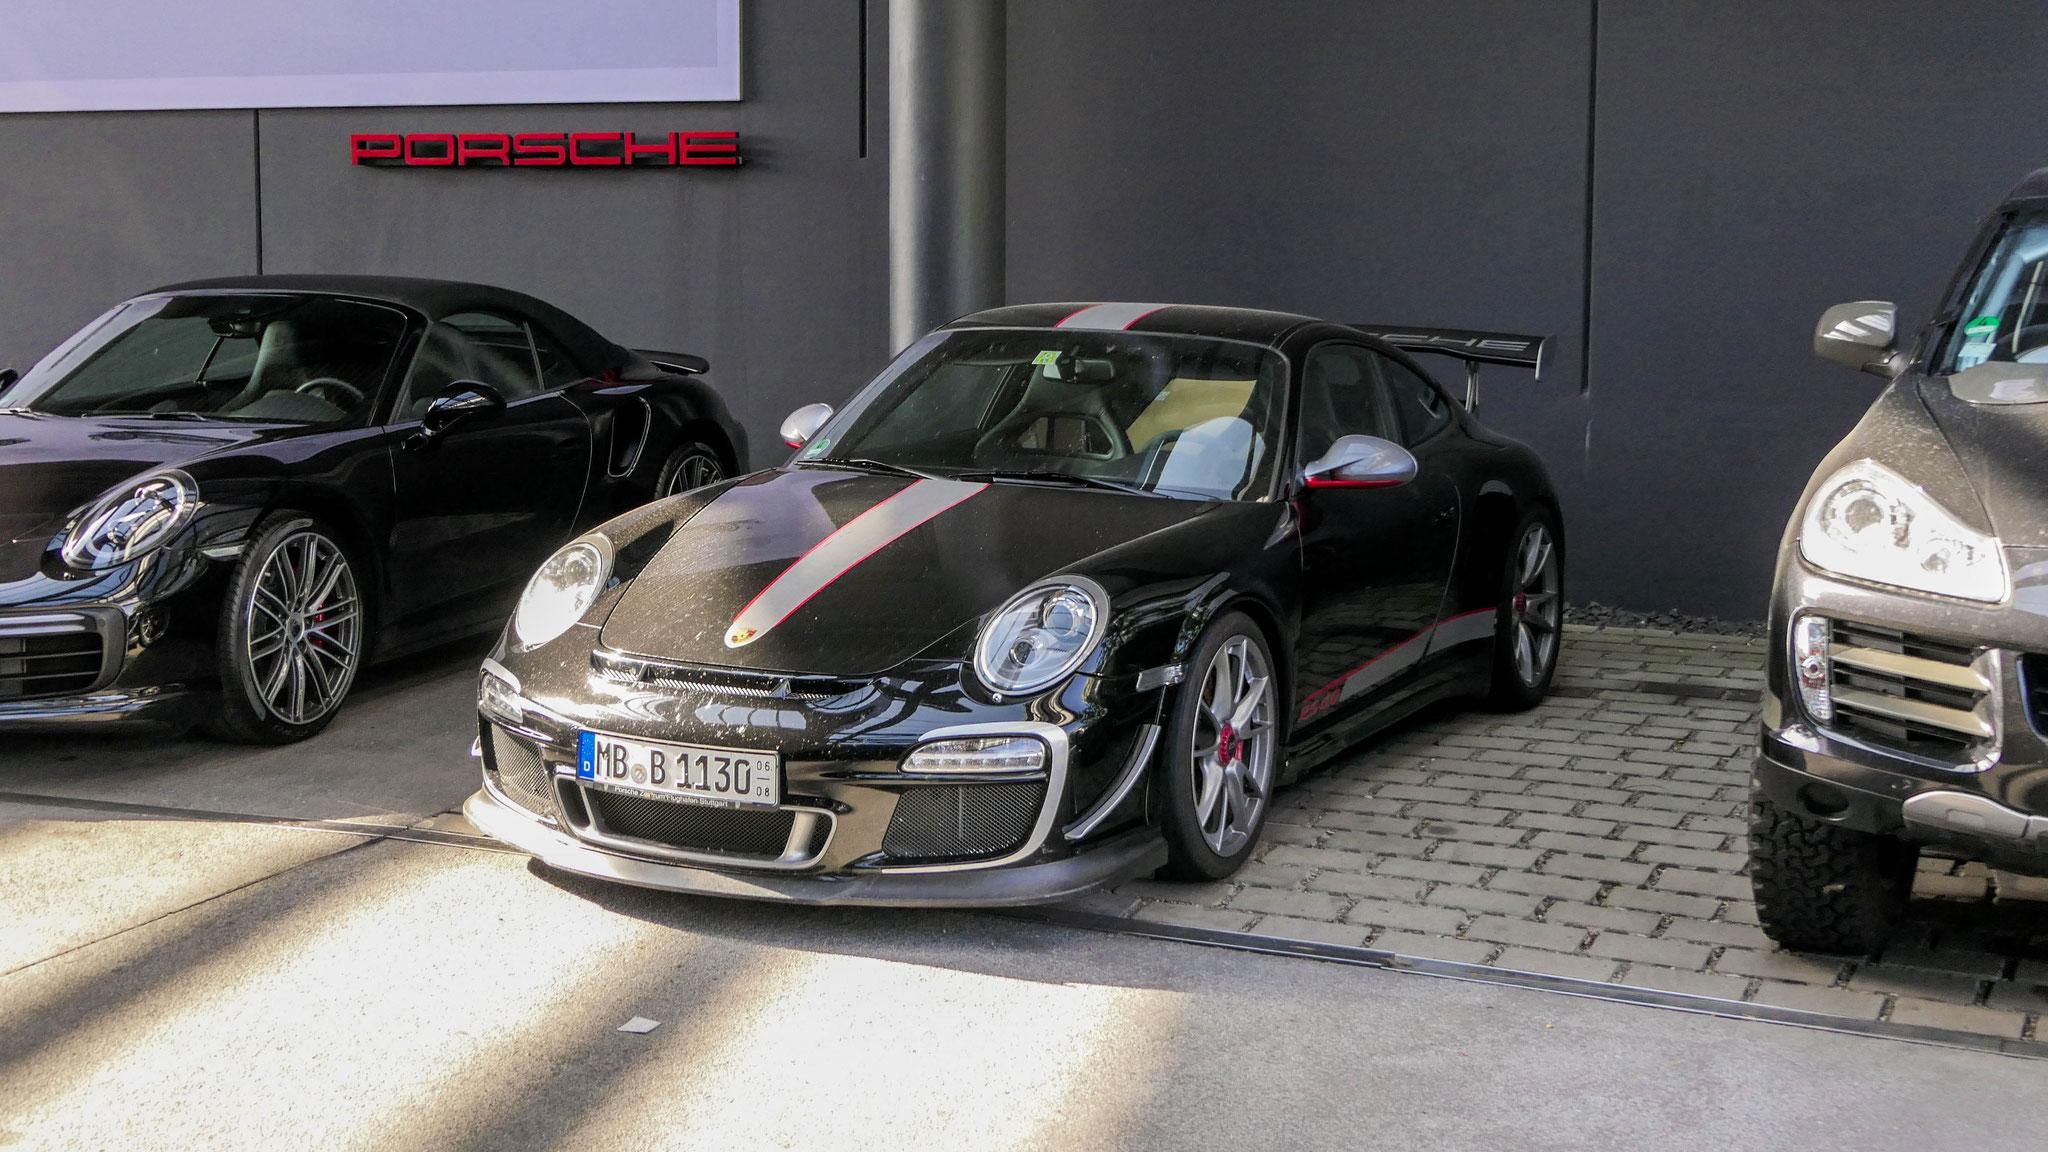 Porsche 911 GT3 RS 4.0 - MB-B-1130